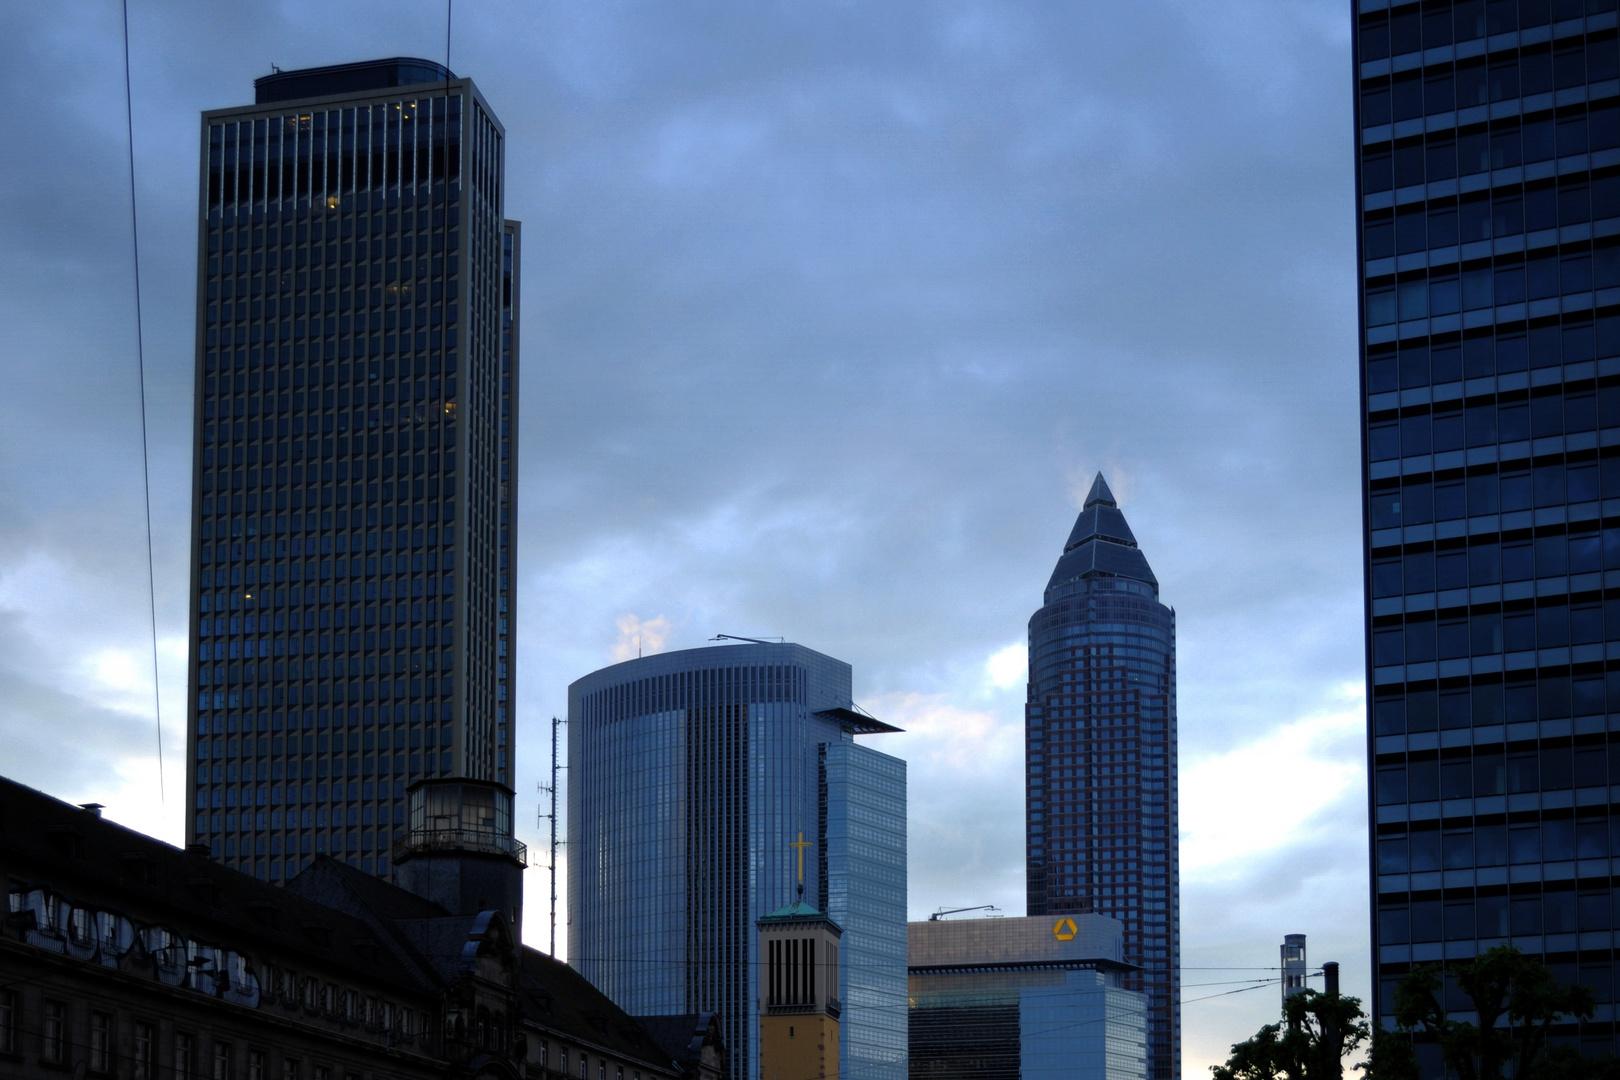 Teil der Skyline in Frankfurt